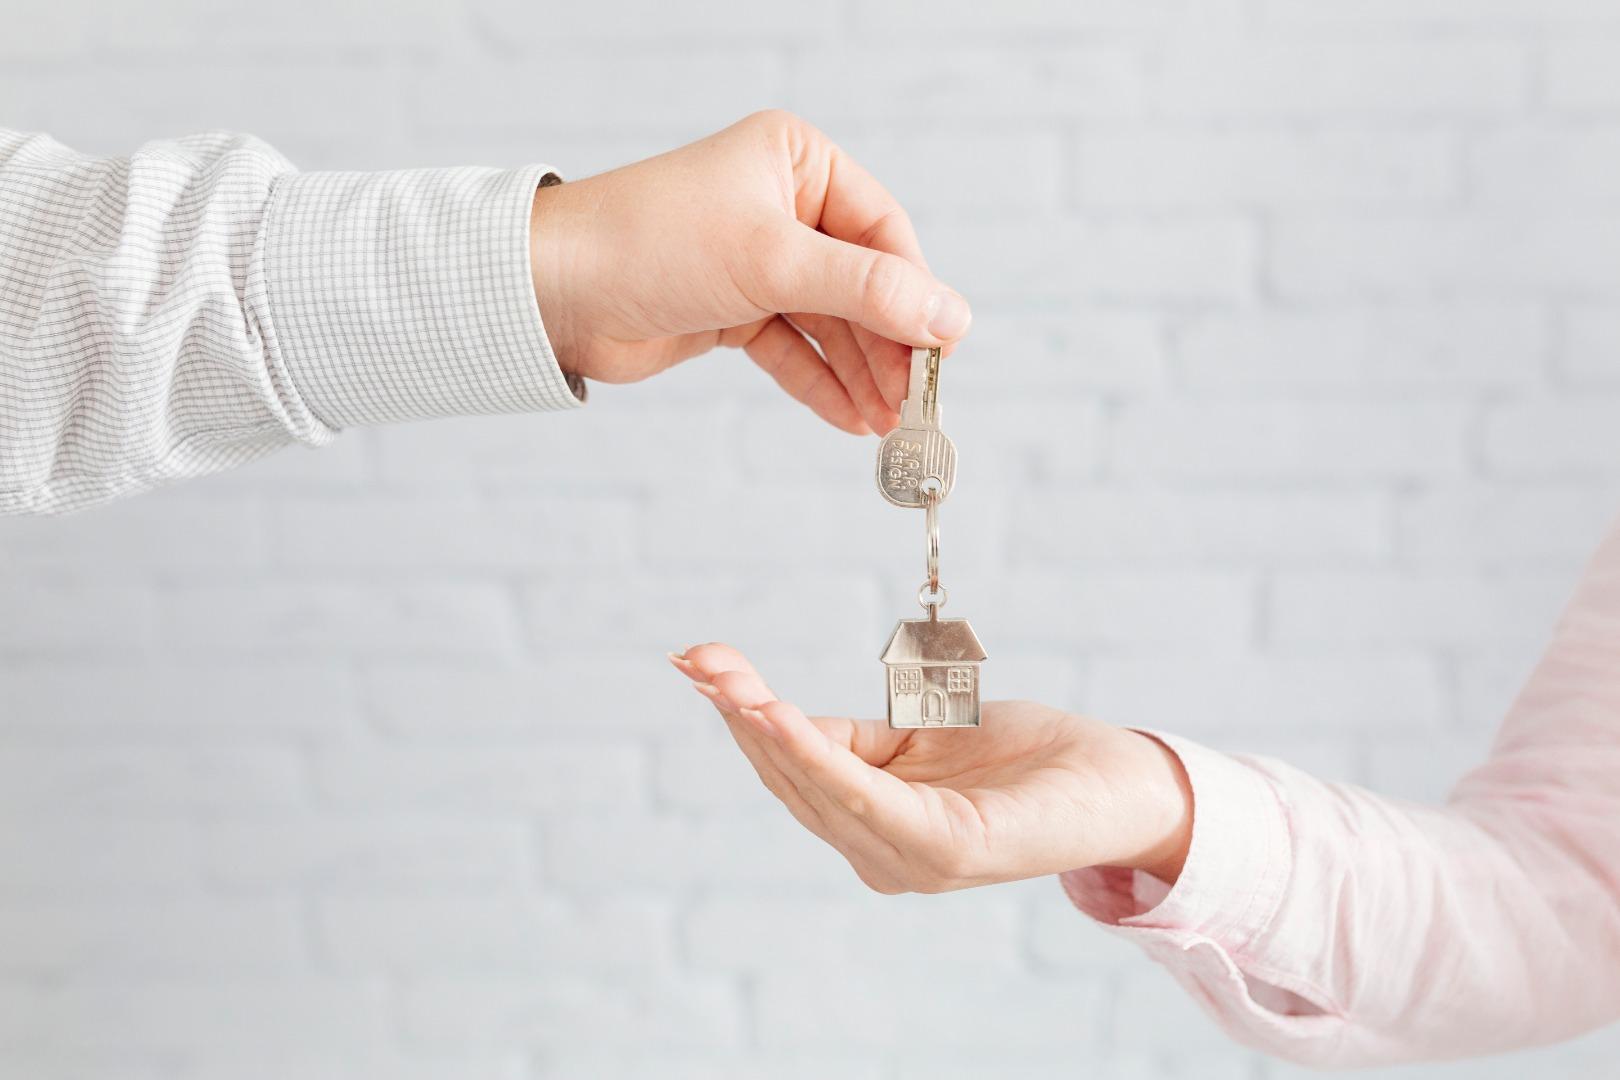 Consórcio é alternativa para investir na casa própria